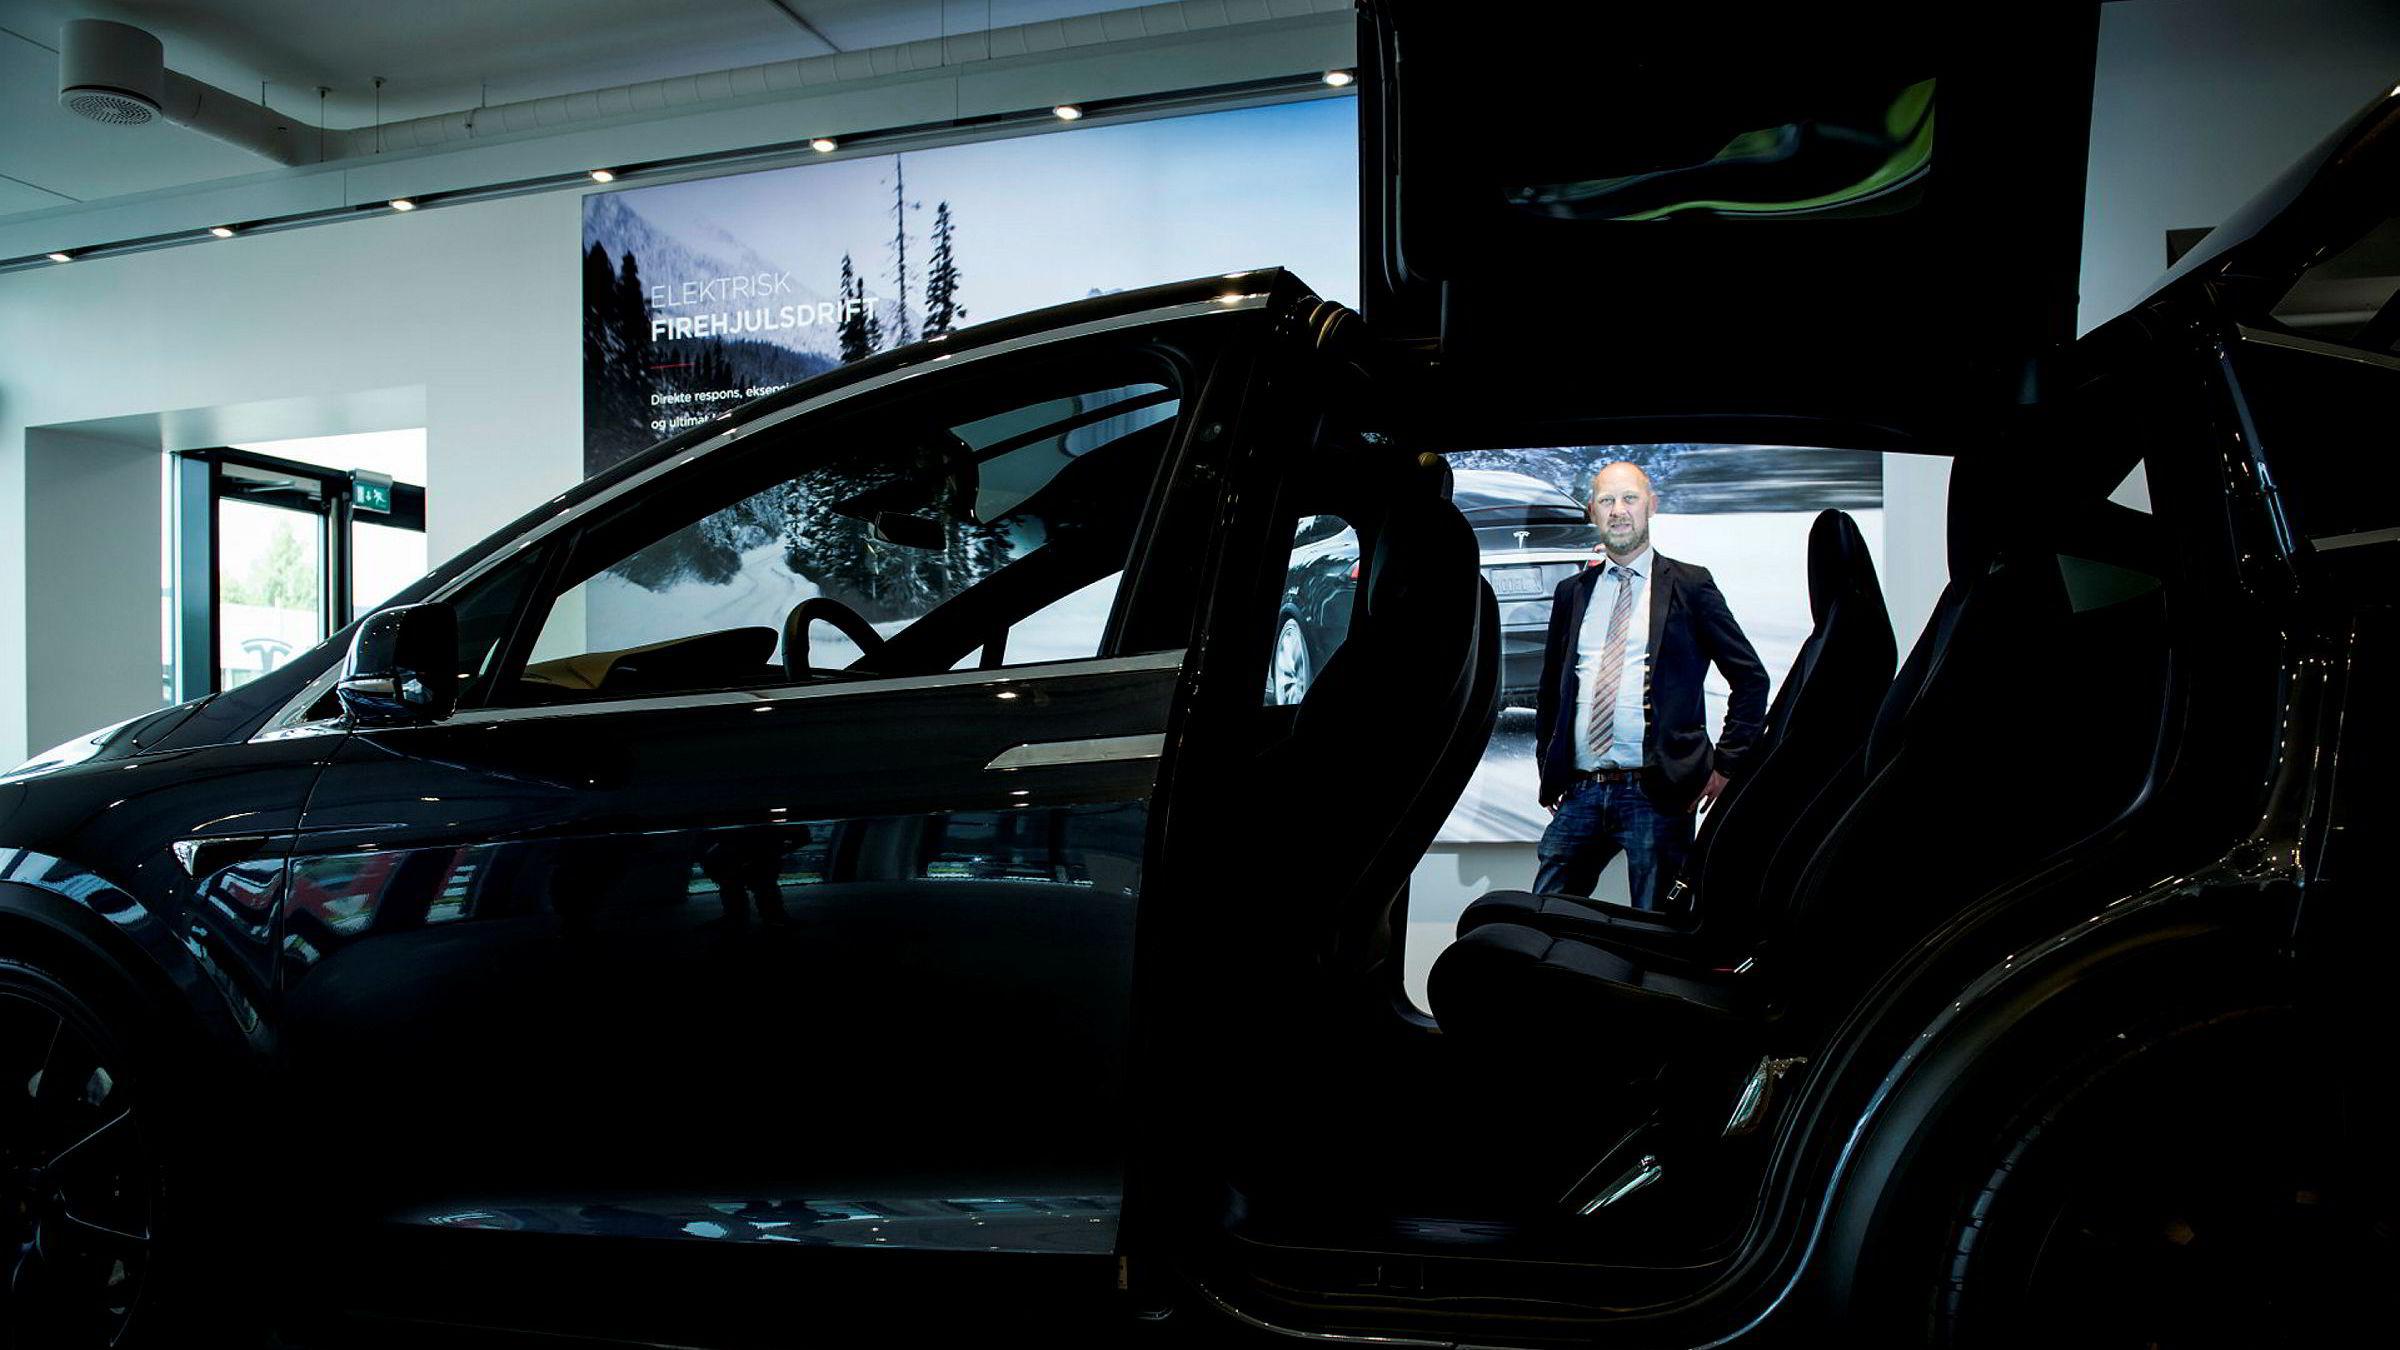 Pål Simonsen slutter etter fire år som sjef i Tesla. Her fotografert på Teslas salg og serviceanlegg på Rud i Bærum. Siden sommeren 2014, da Simonsen startet i Tesla, er det registrert over 20.000 biler fra merket i Norge.